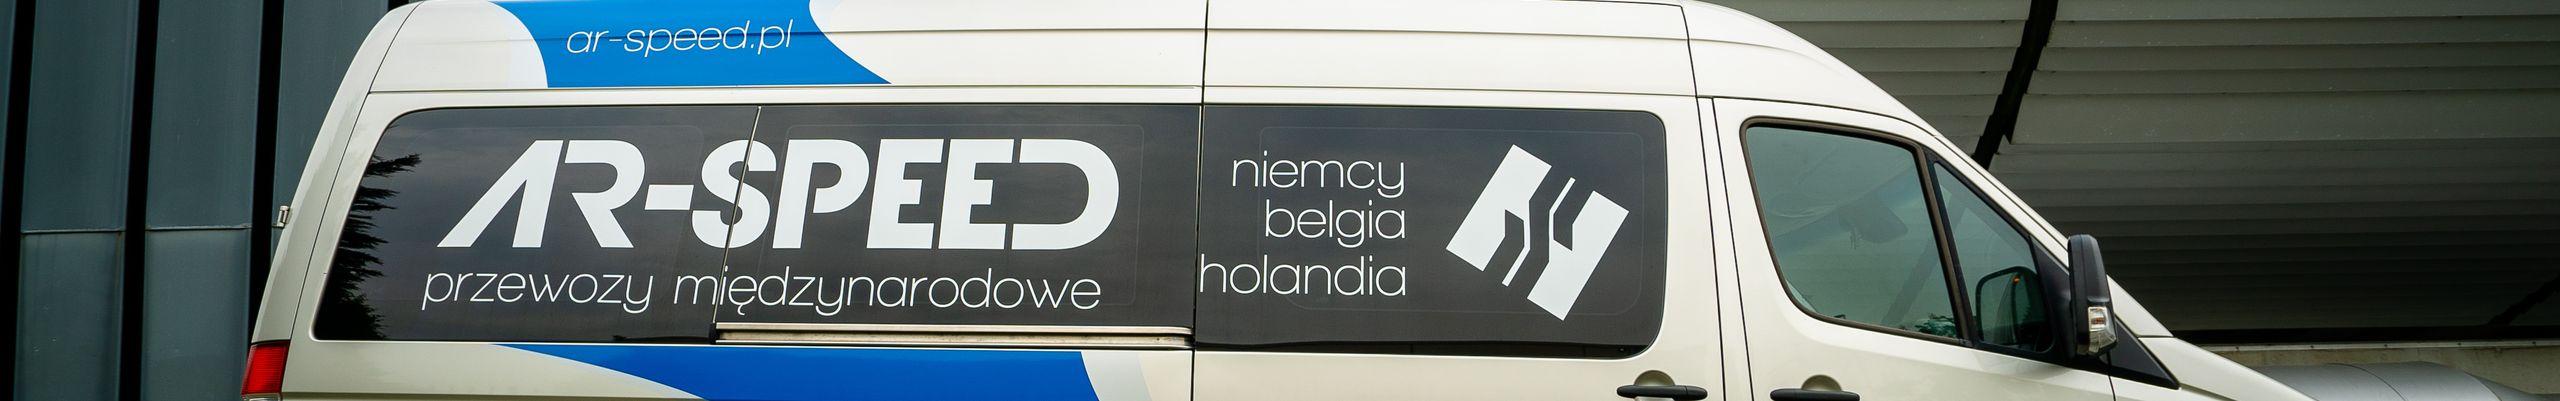 bus Polska Niemcy